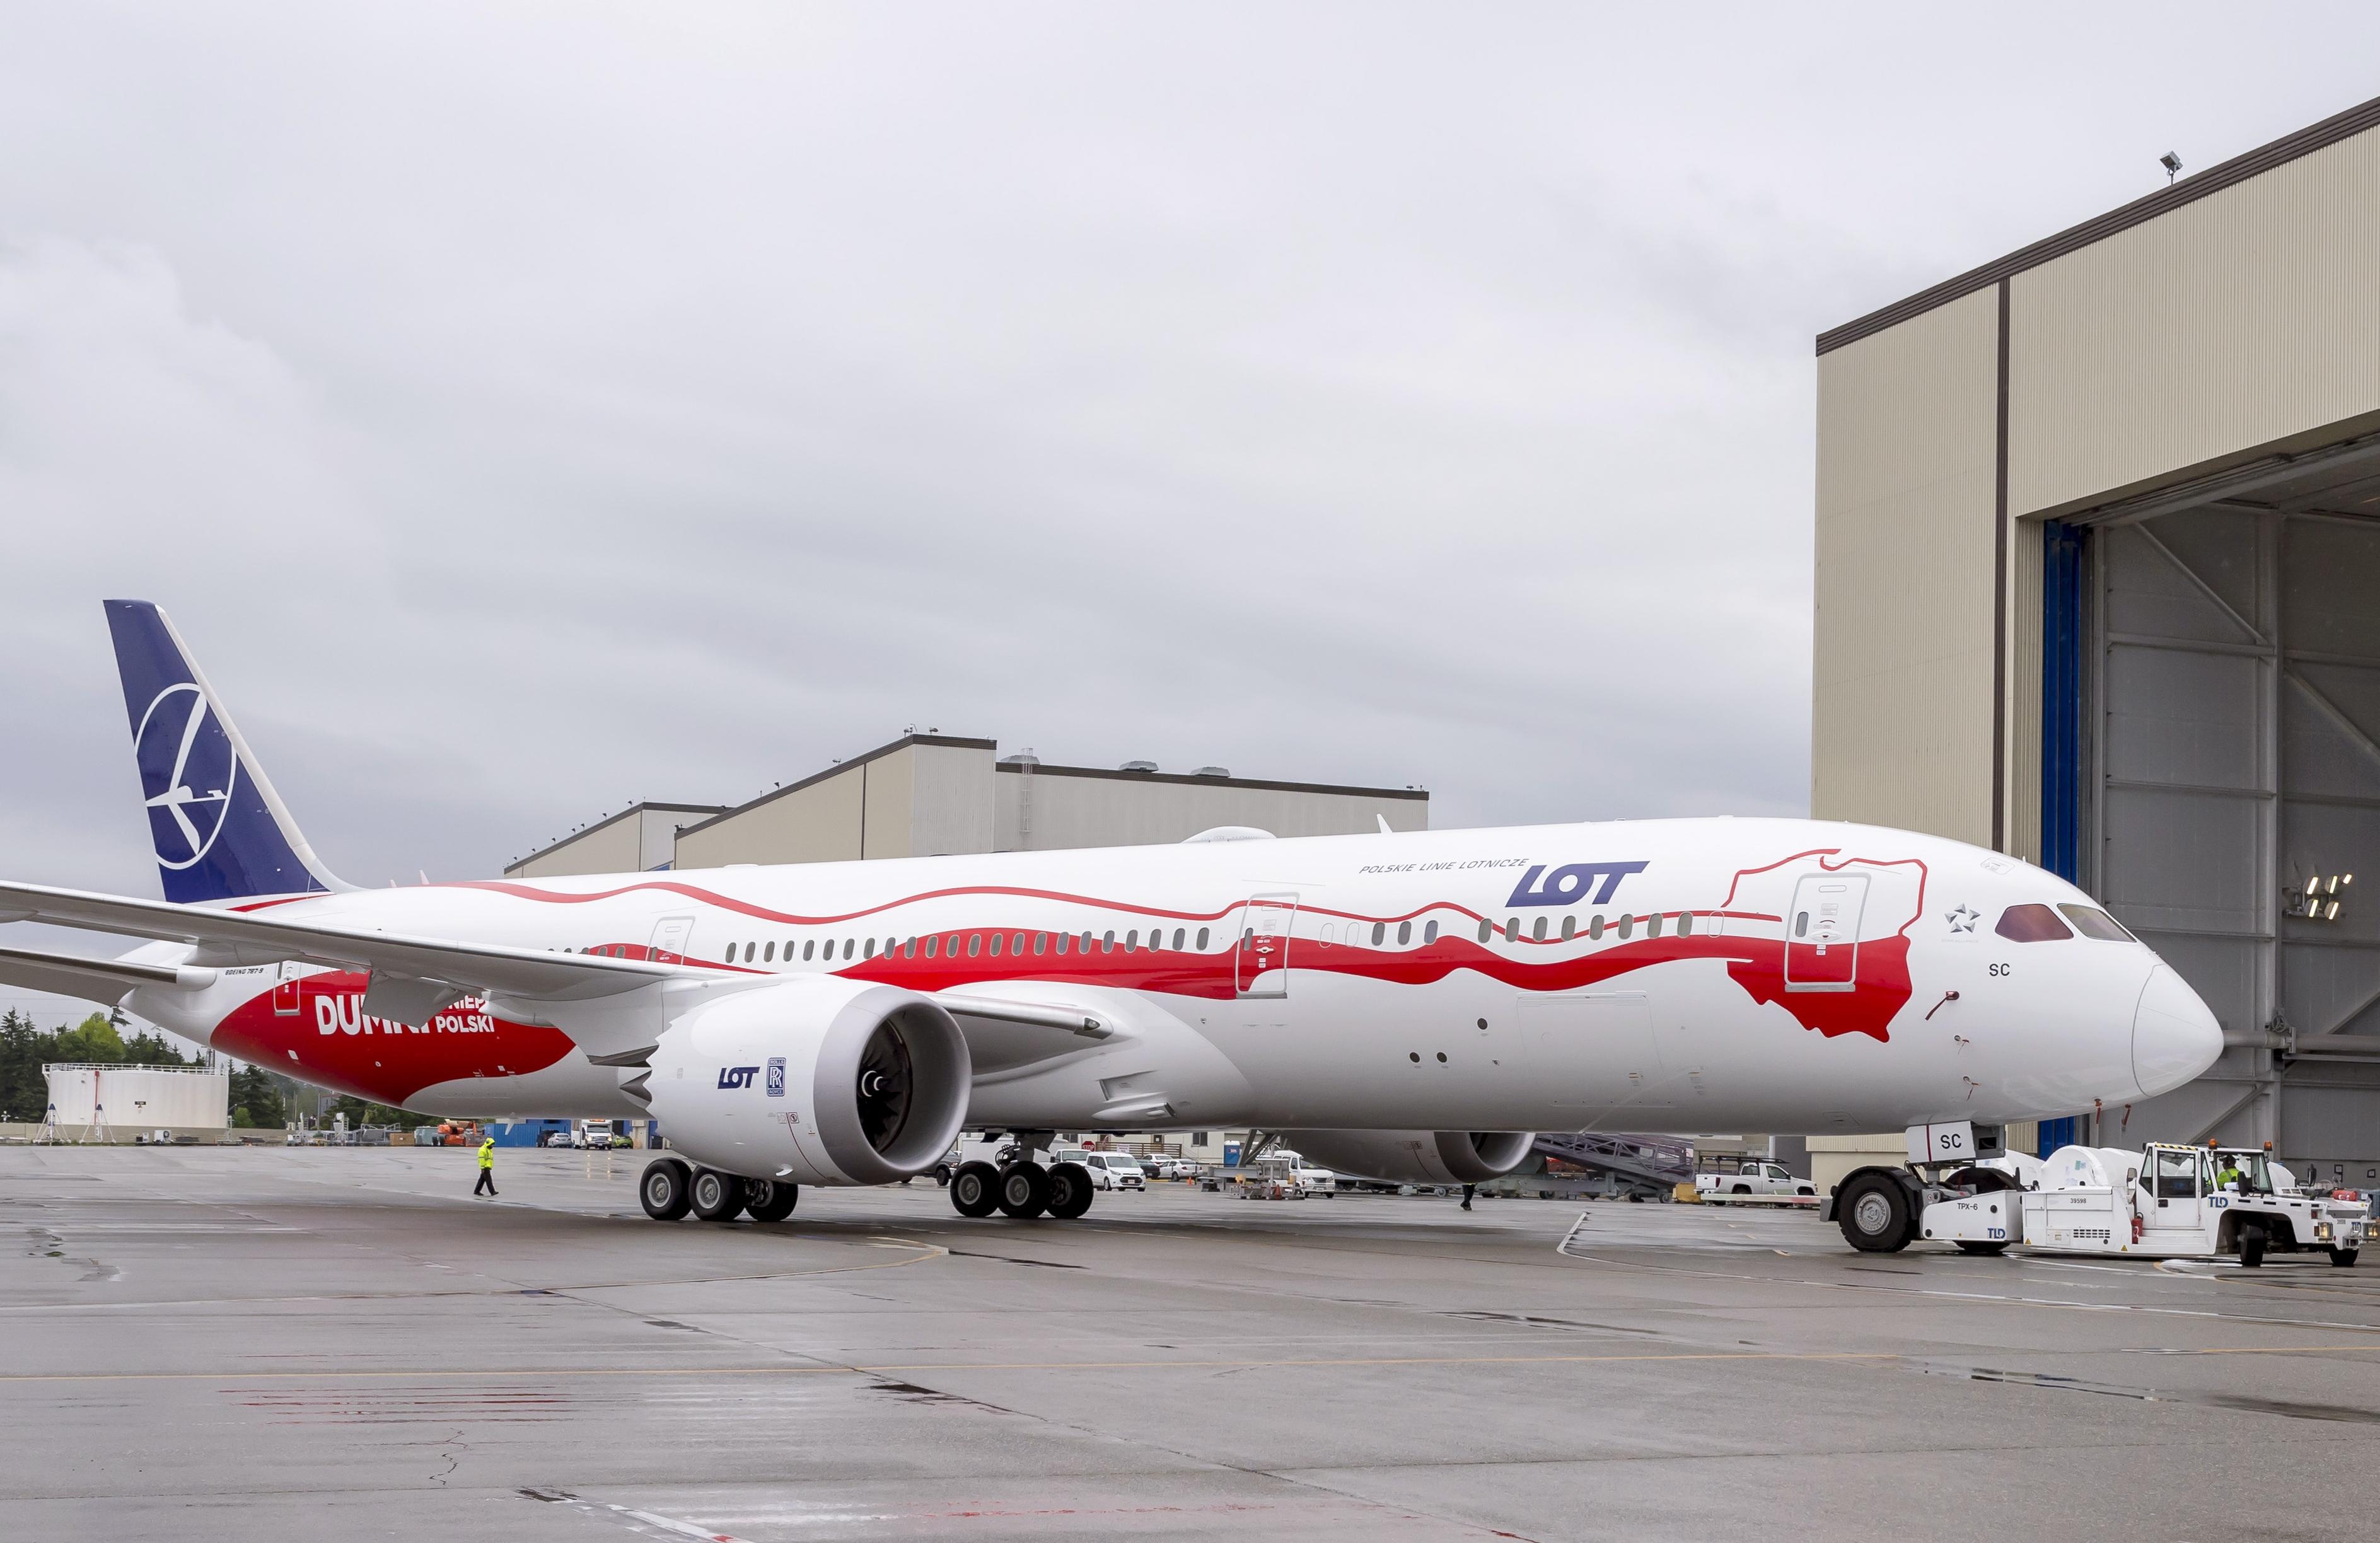 Den særmalede LOT Boeing B787 Dreamliner, der markerer 100 året for Polens selvstændighed. Foto: LOT via Boeing.